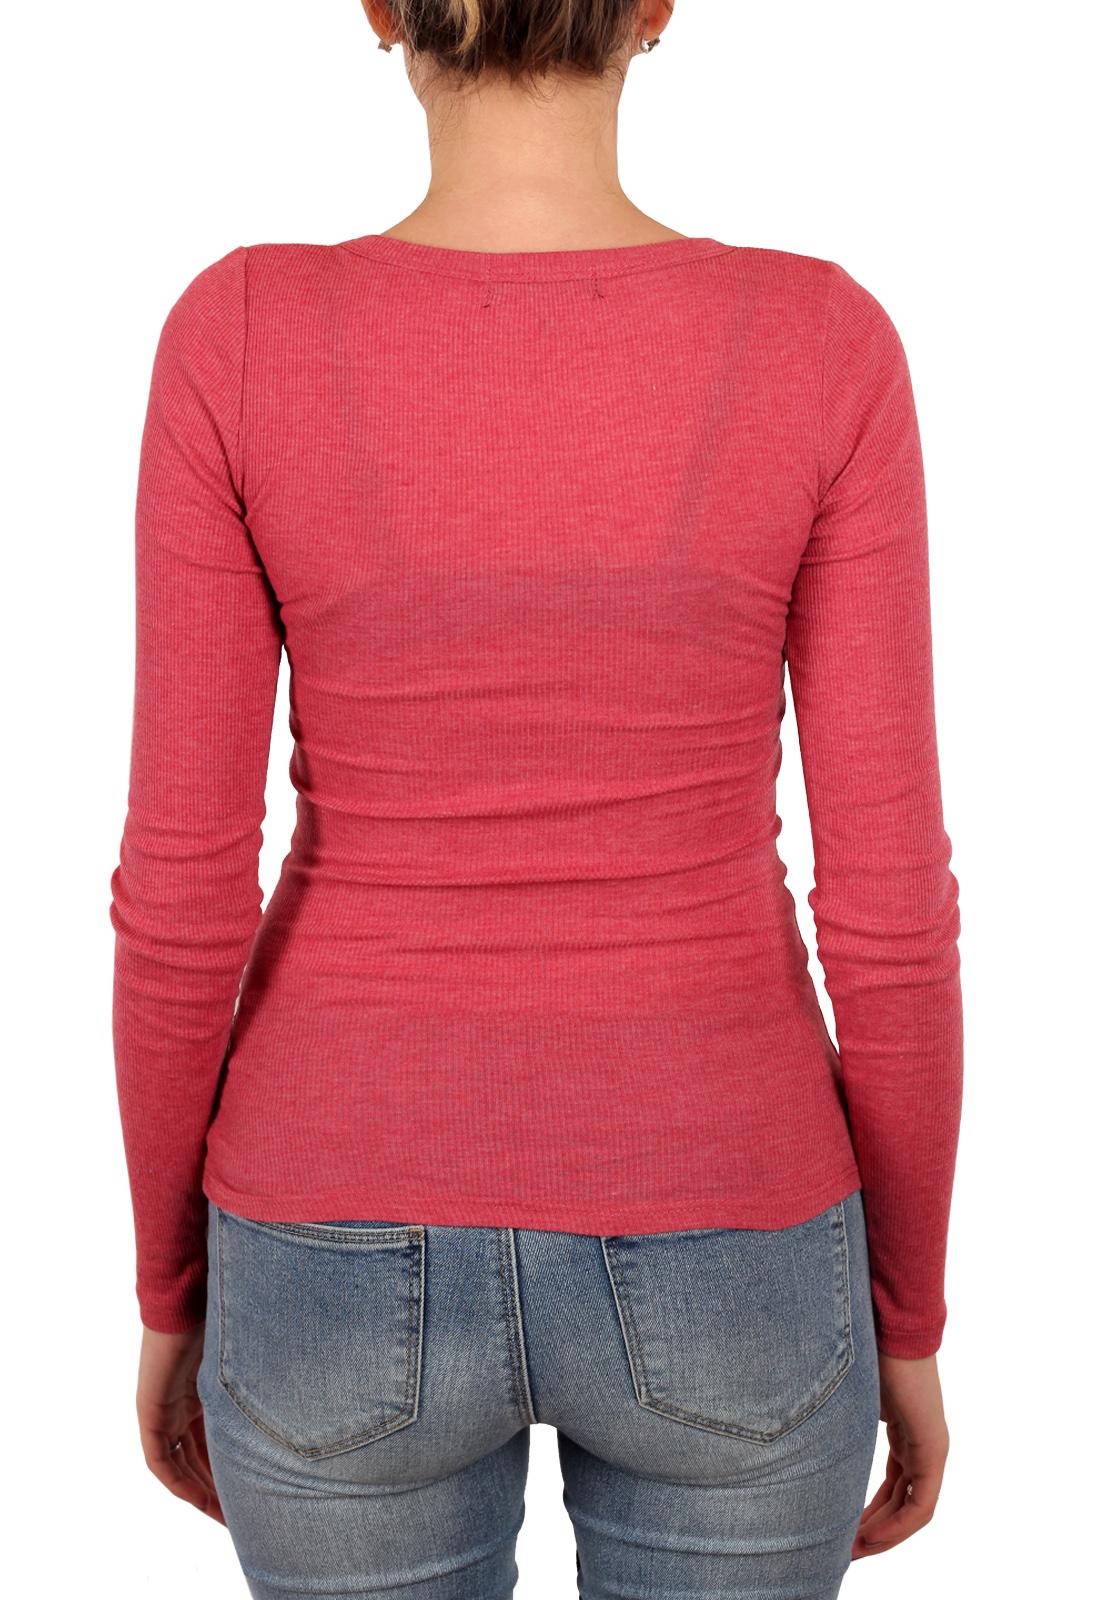 Обтягивающая женская кофточка Cotton on (Австралия). Глубокий вырез и актуальный в этом сезоне насыщенно-малиновый цвет